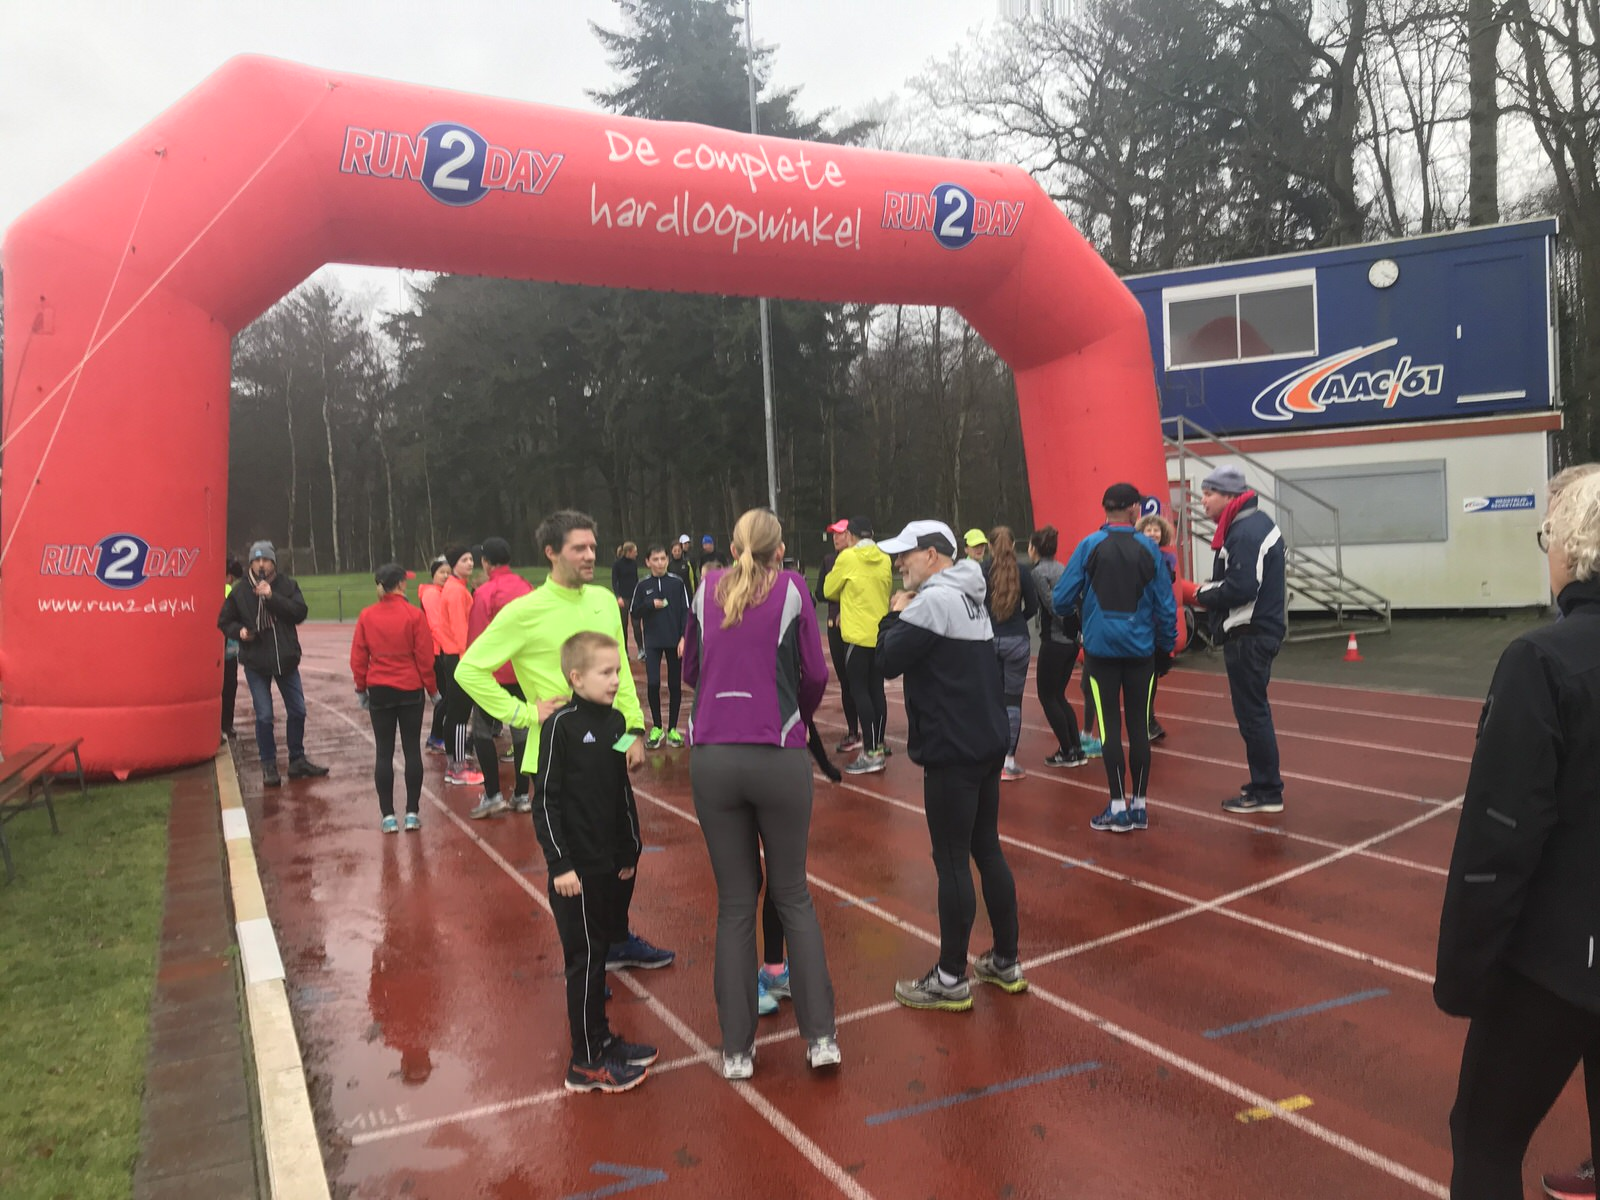 4e Run2Day Trimloop en nieuwjaarsinloop